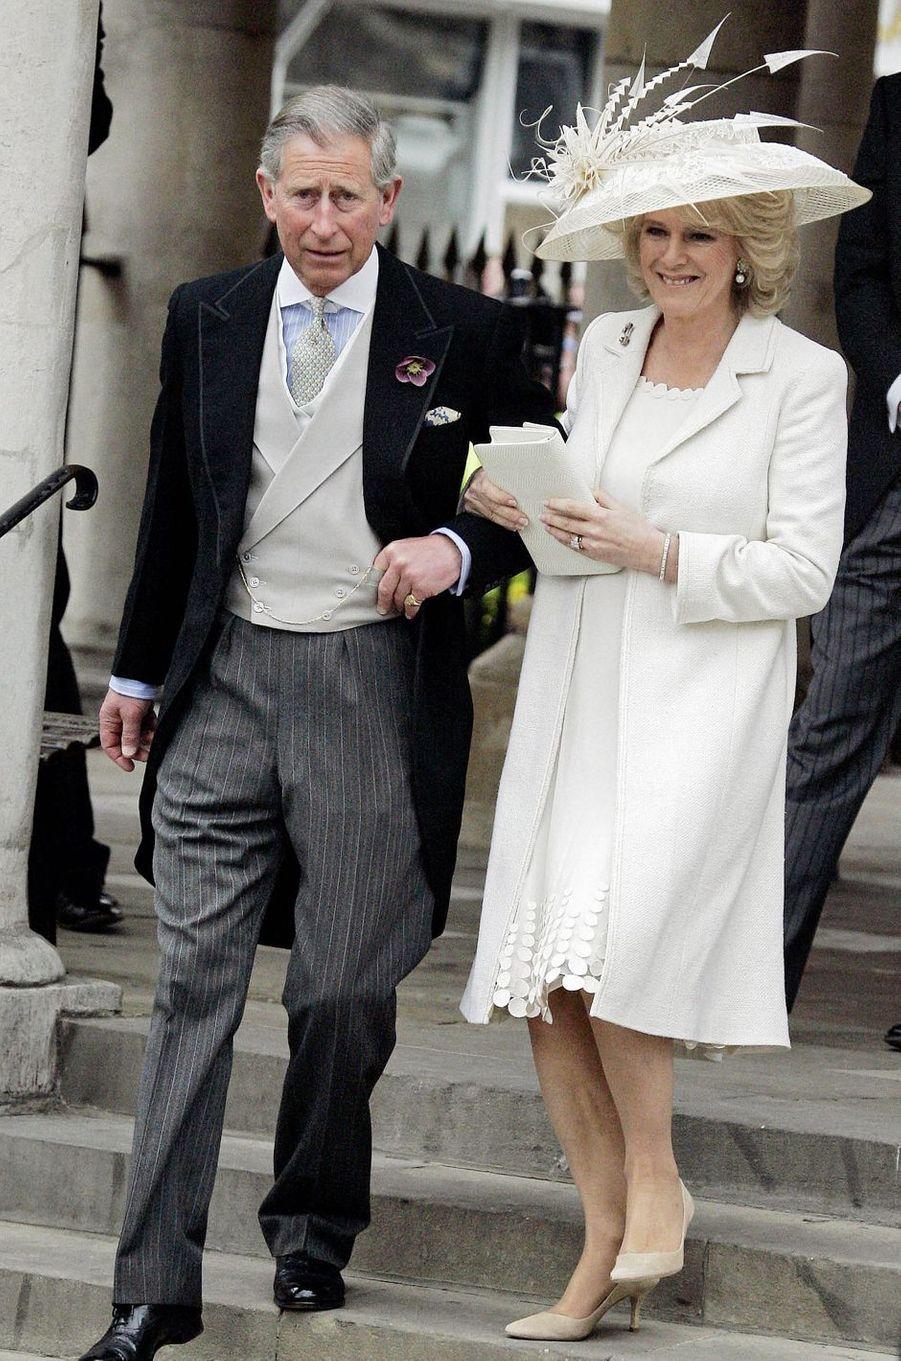 La tenue de Camilla Parker Bowles lors de son mariage civil avec le prince Charles, le 9 avril 2005